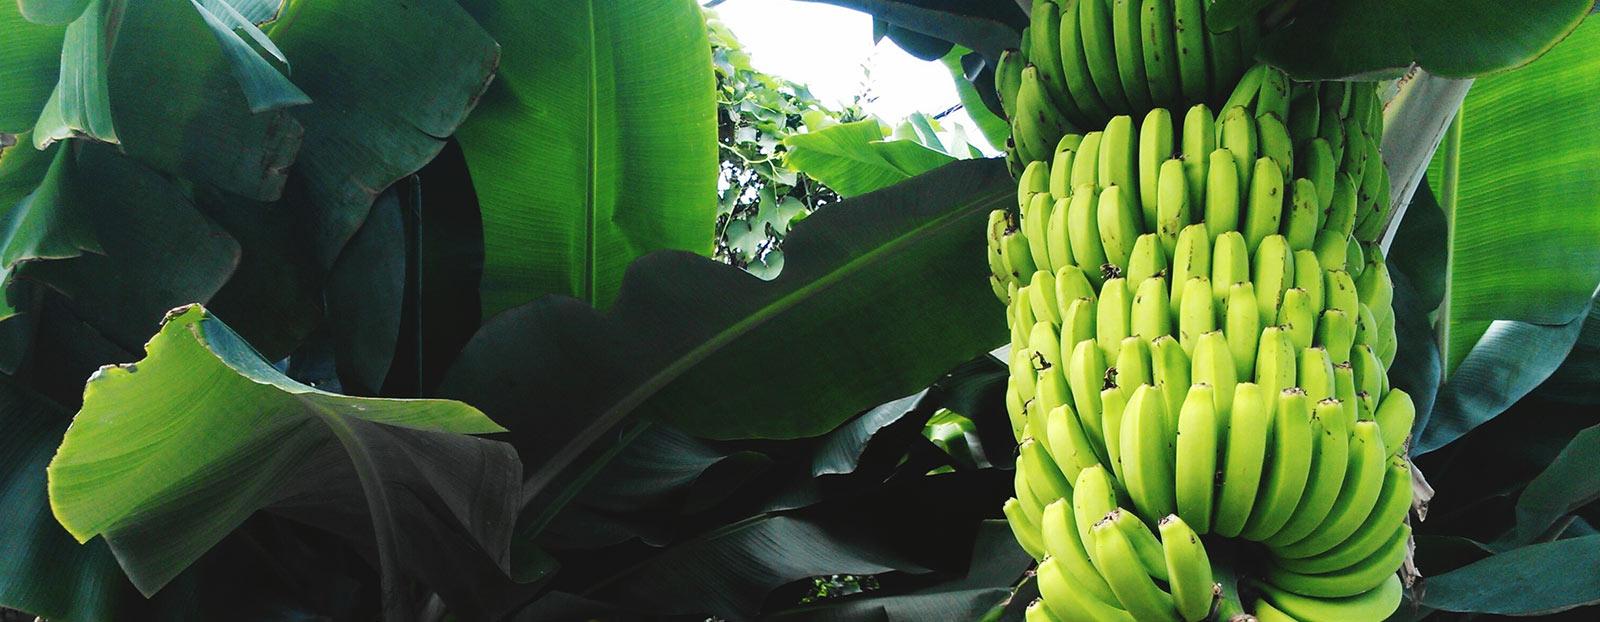 在自然栖息地生长着的香蕉树